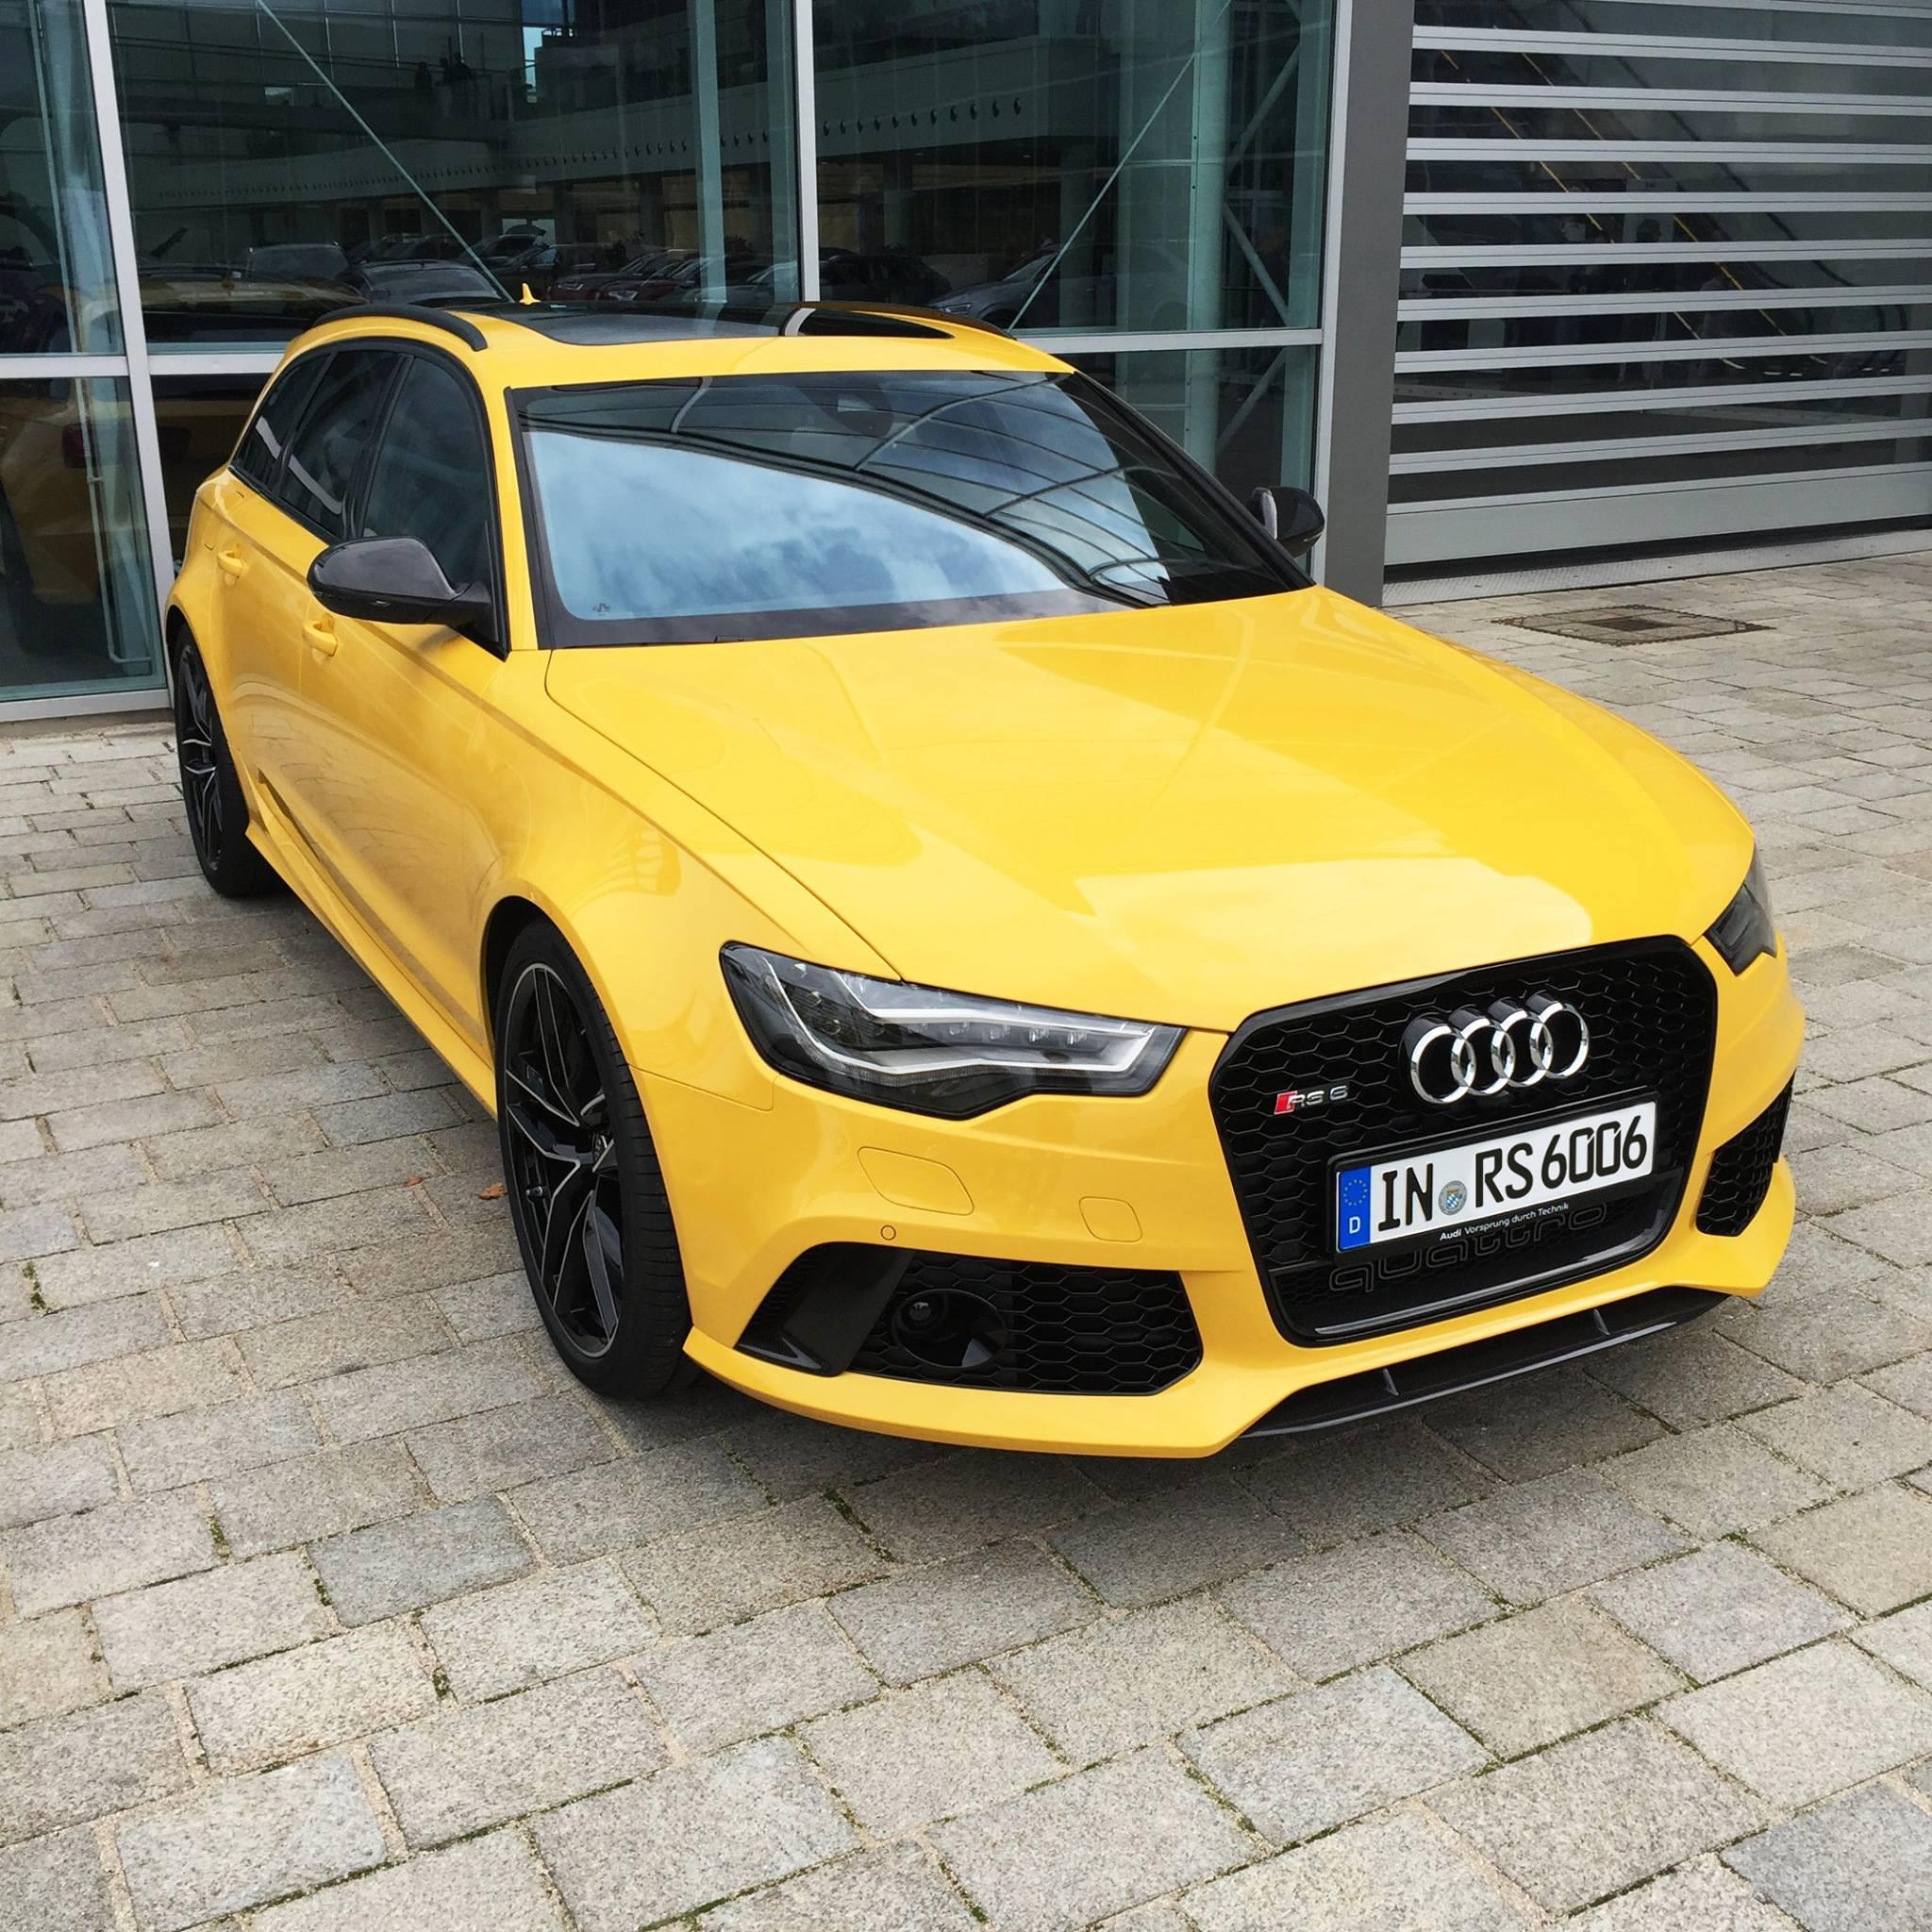 Audi RS6 Avant In Speed Yellow (Speedgelb) At Audi Forum